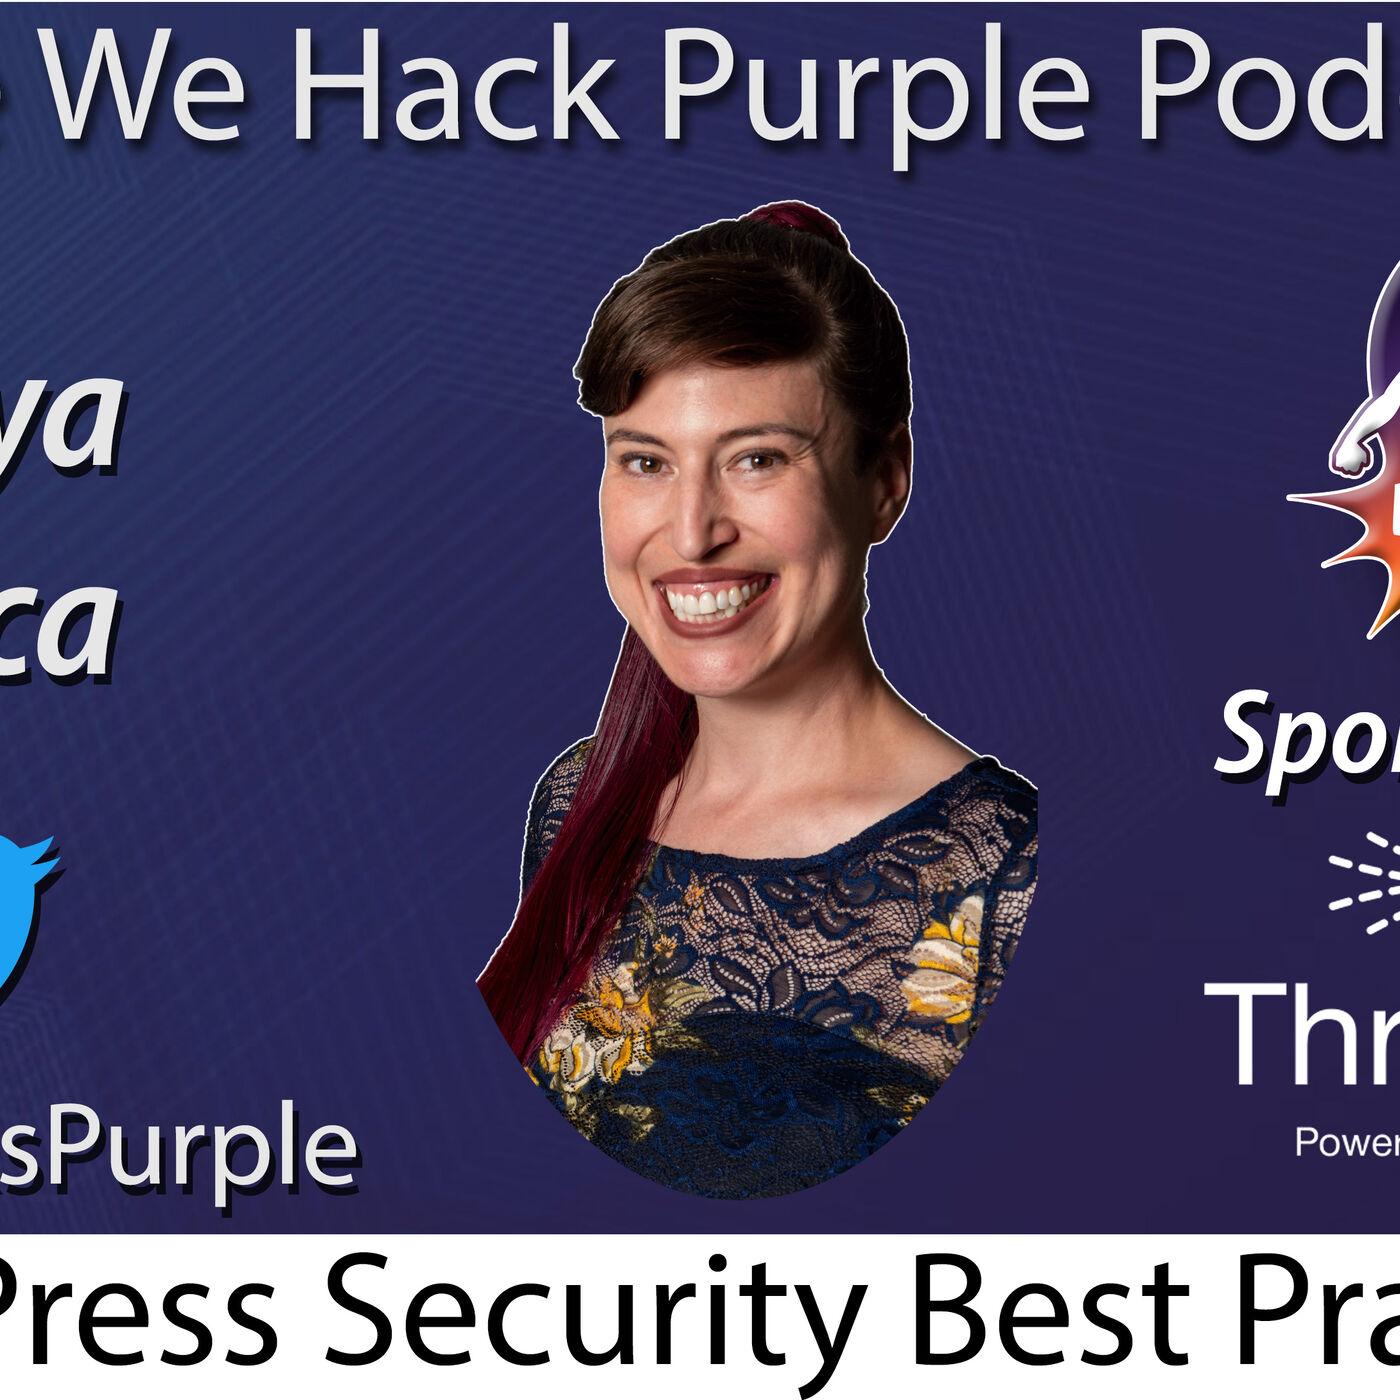 We Hack Purple Podcast Episode 34 - WordPress Security Best Practices